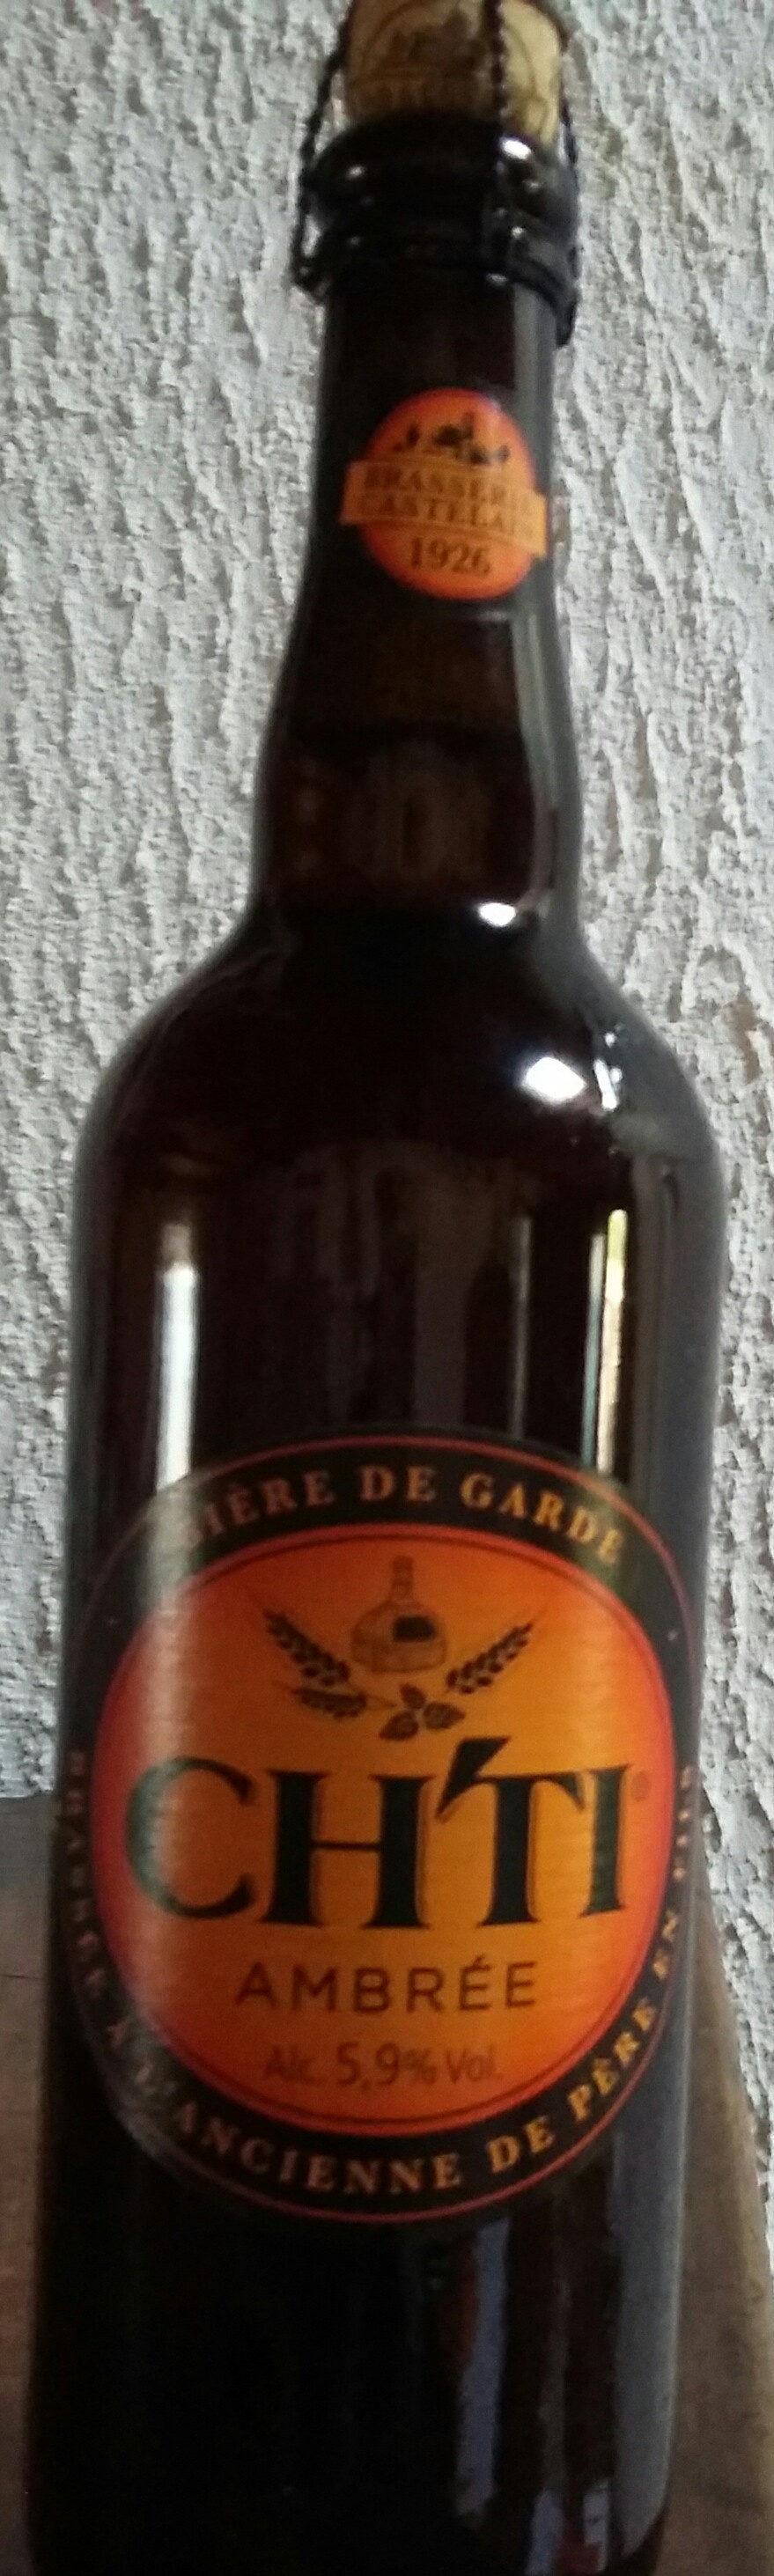 Ch'ti Bière Ambrée 5, 9° -75cl - Product - fr